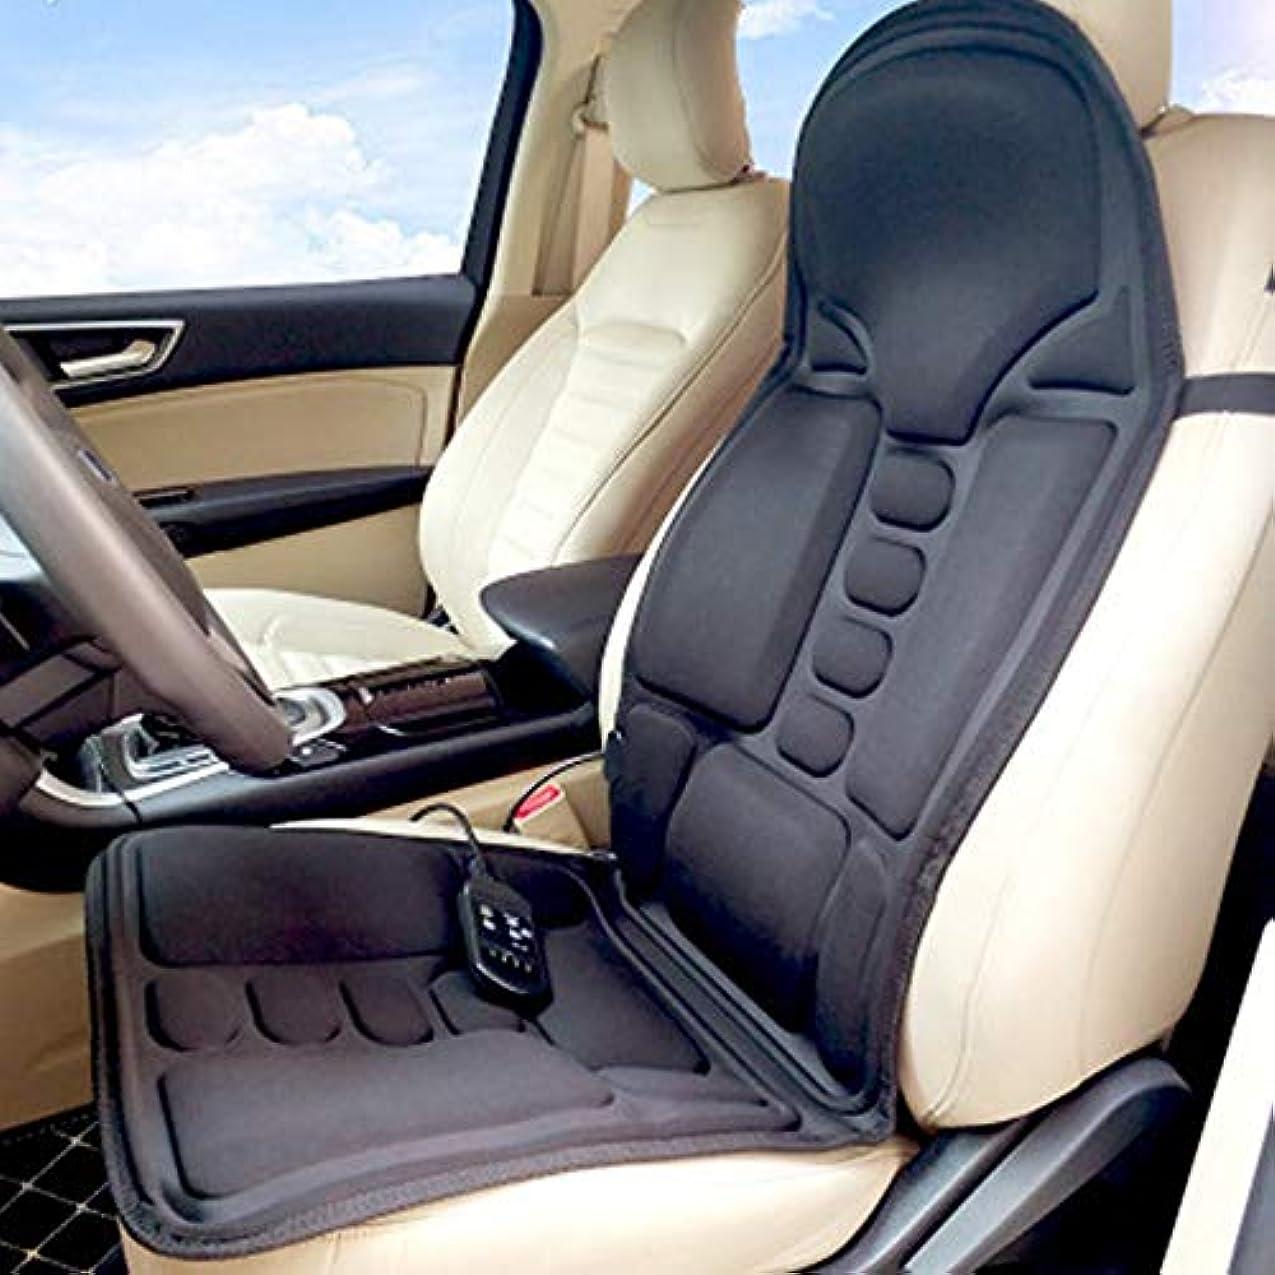 シード包囲織るカーシートマッサージ、チェアマッサージ、チェア用バックマッサージ、背中のストレスや疲労を軽減するためのバイブレーション&ヒーティングセラピー